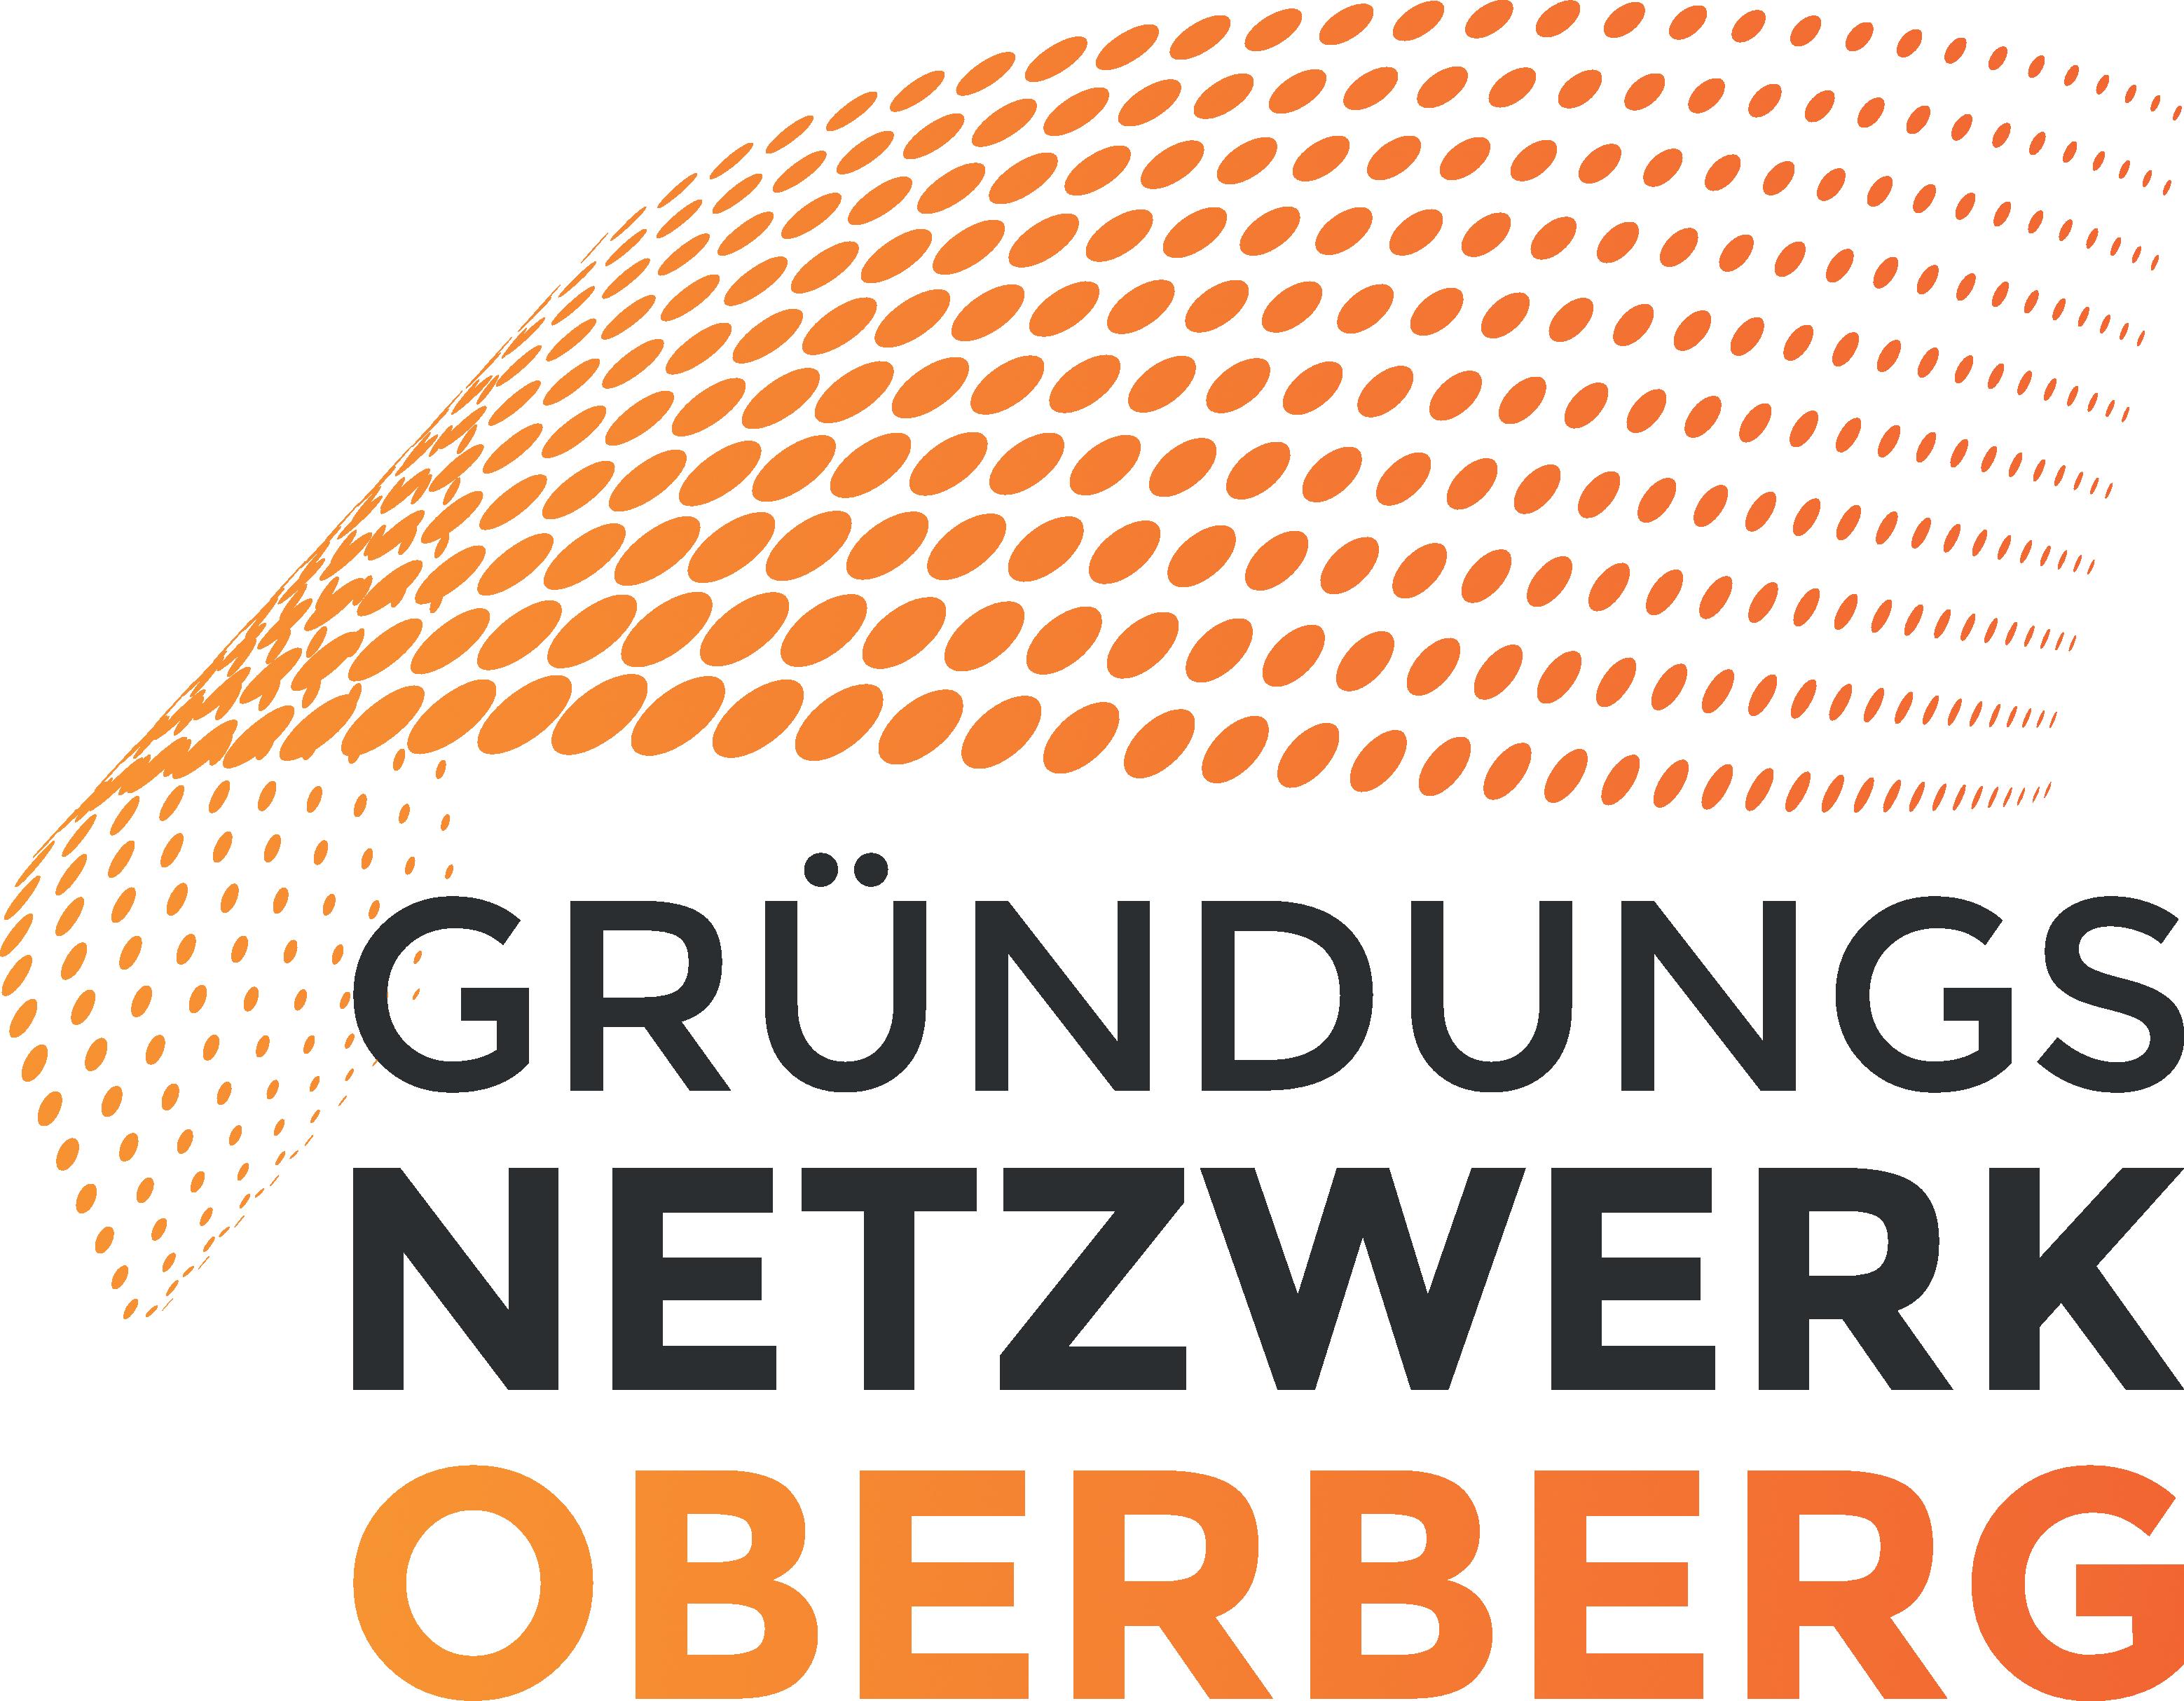 Gründungsnetzwerk Oberberg - Starthilfe für GründerInnen und junge Unternehmen in der Region